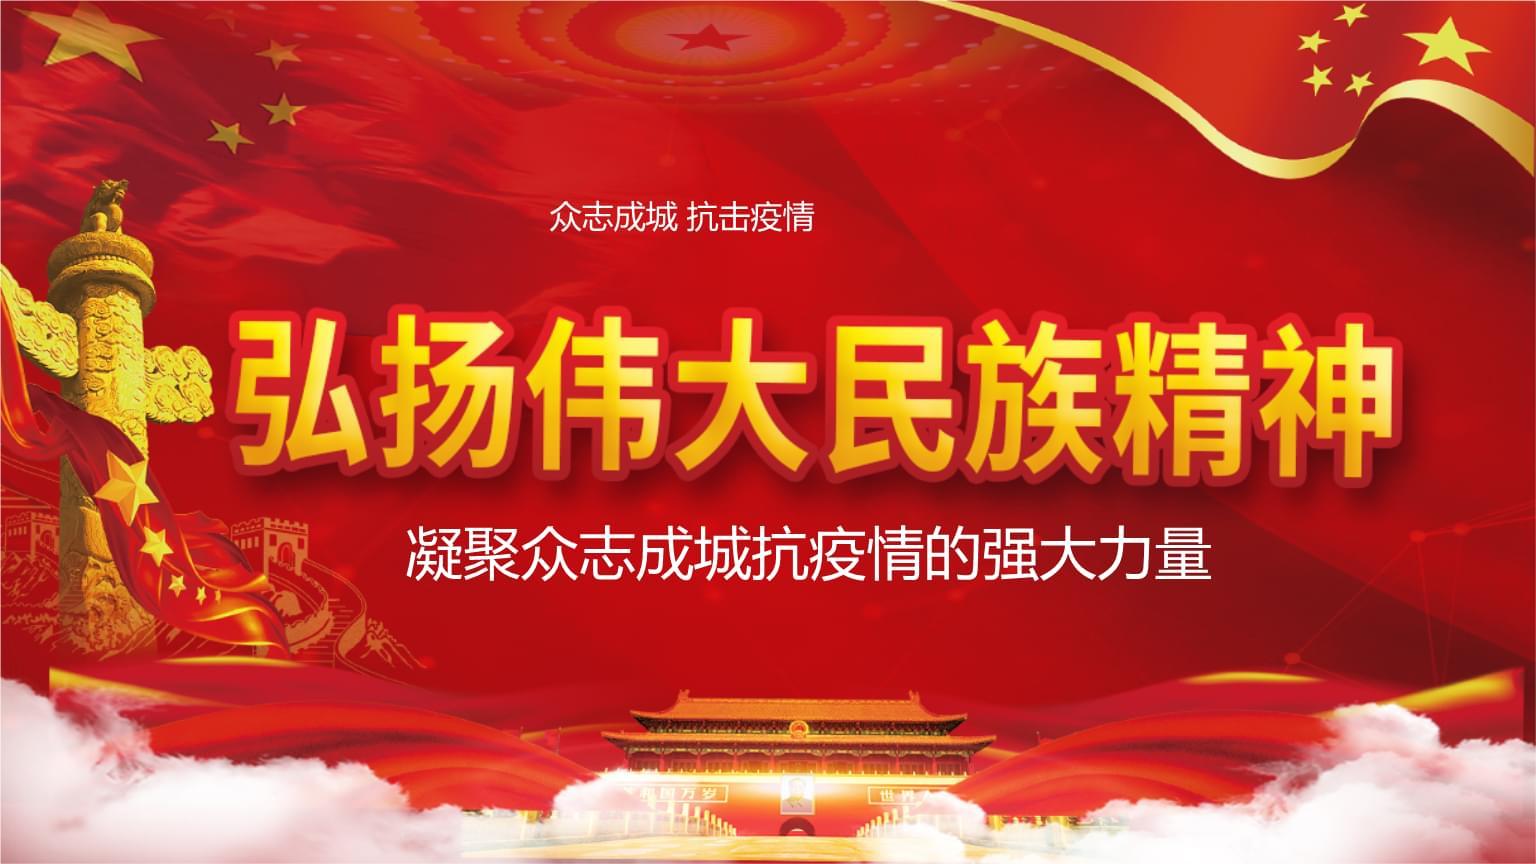 弘扬民族精神抗疫情宣传PPT模板.pptx